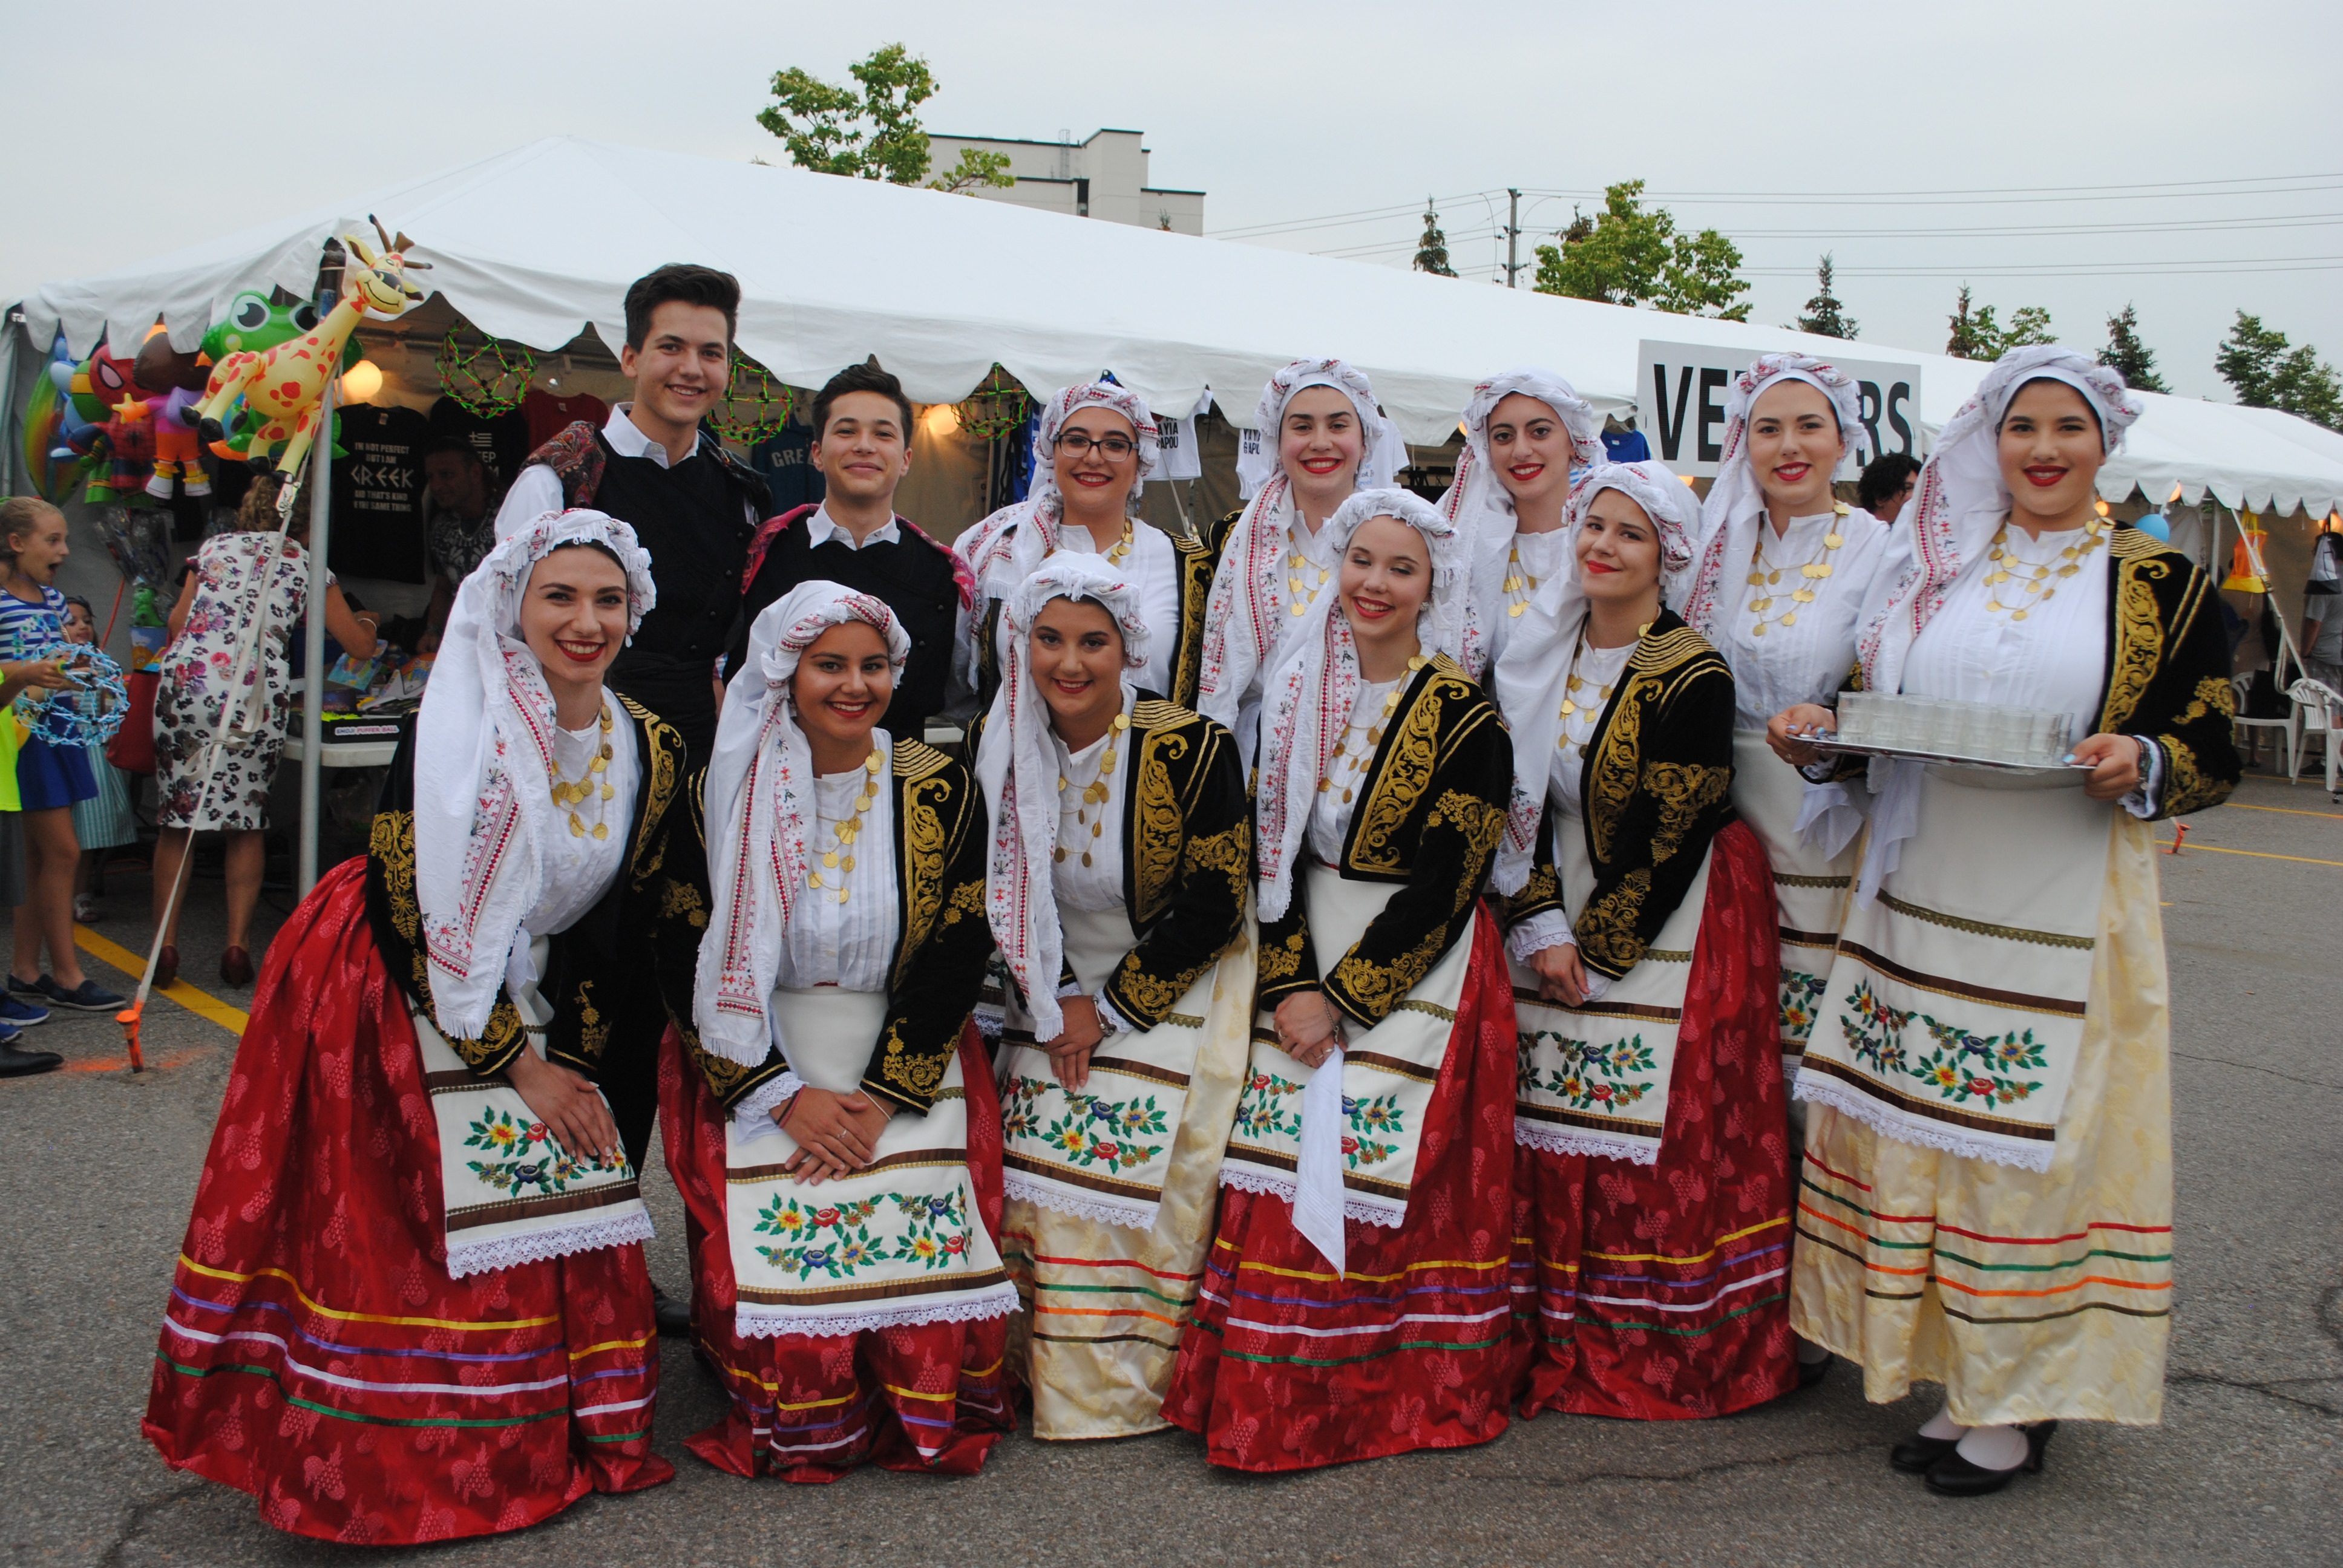 Εντυπωσιακό παρών της νεολαίας στο φεστιβάλ του Προφήτη Ηλία